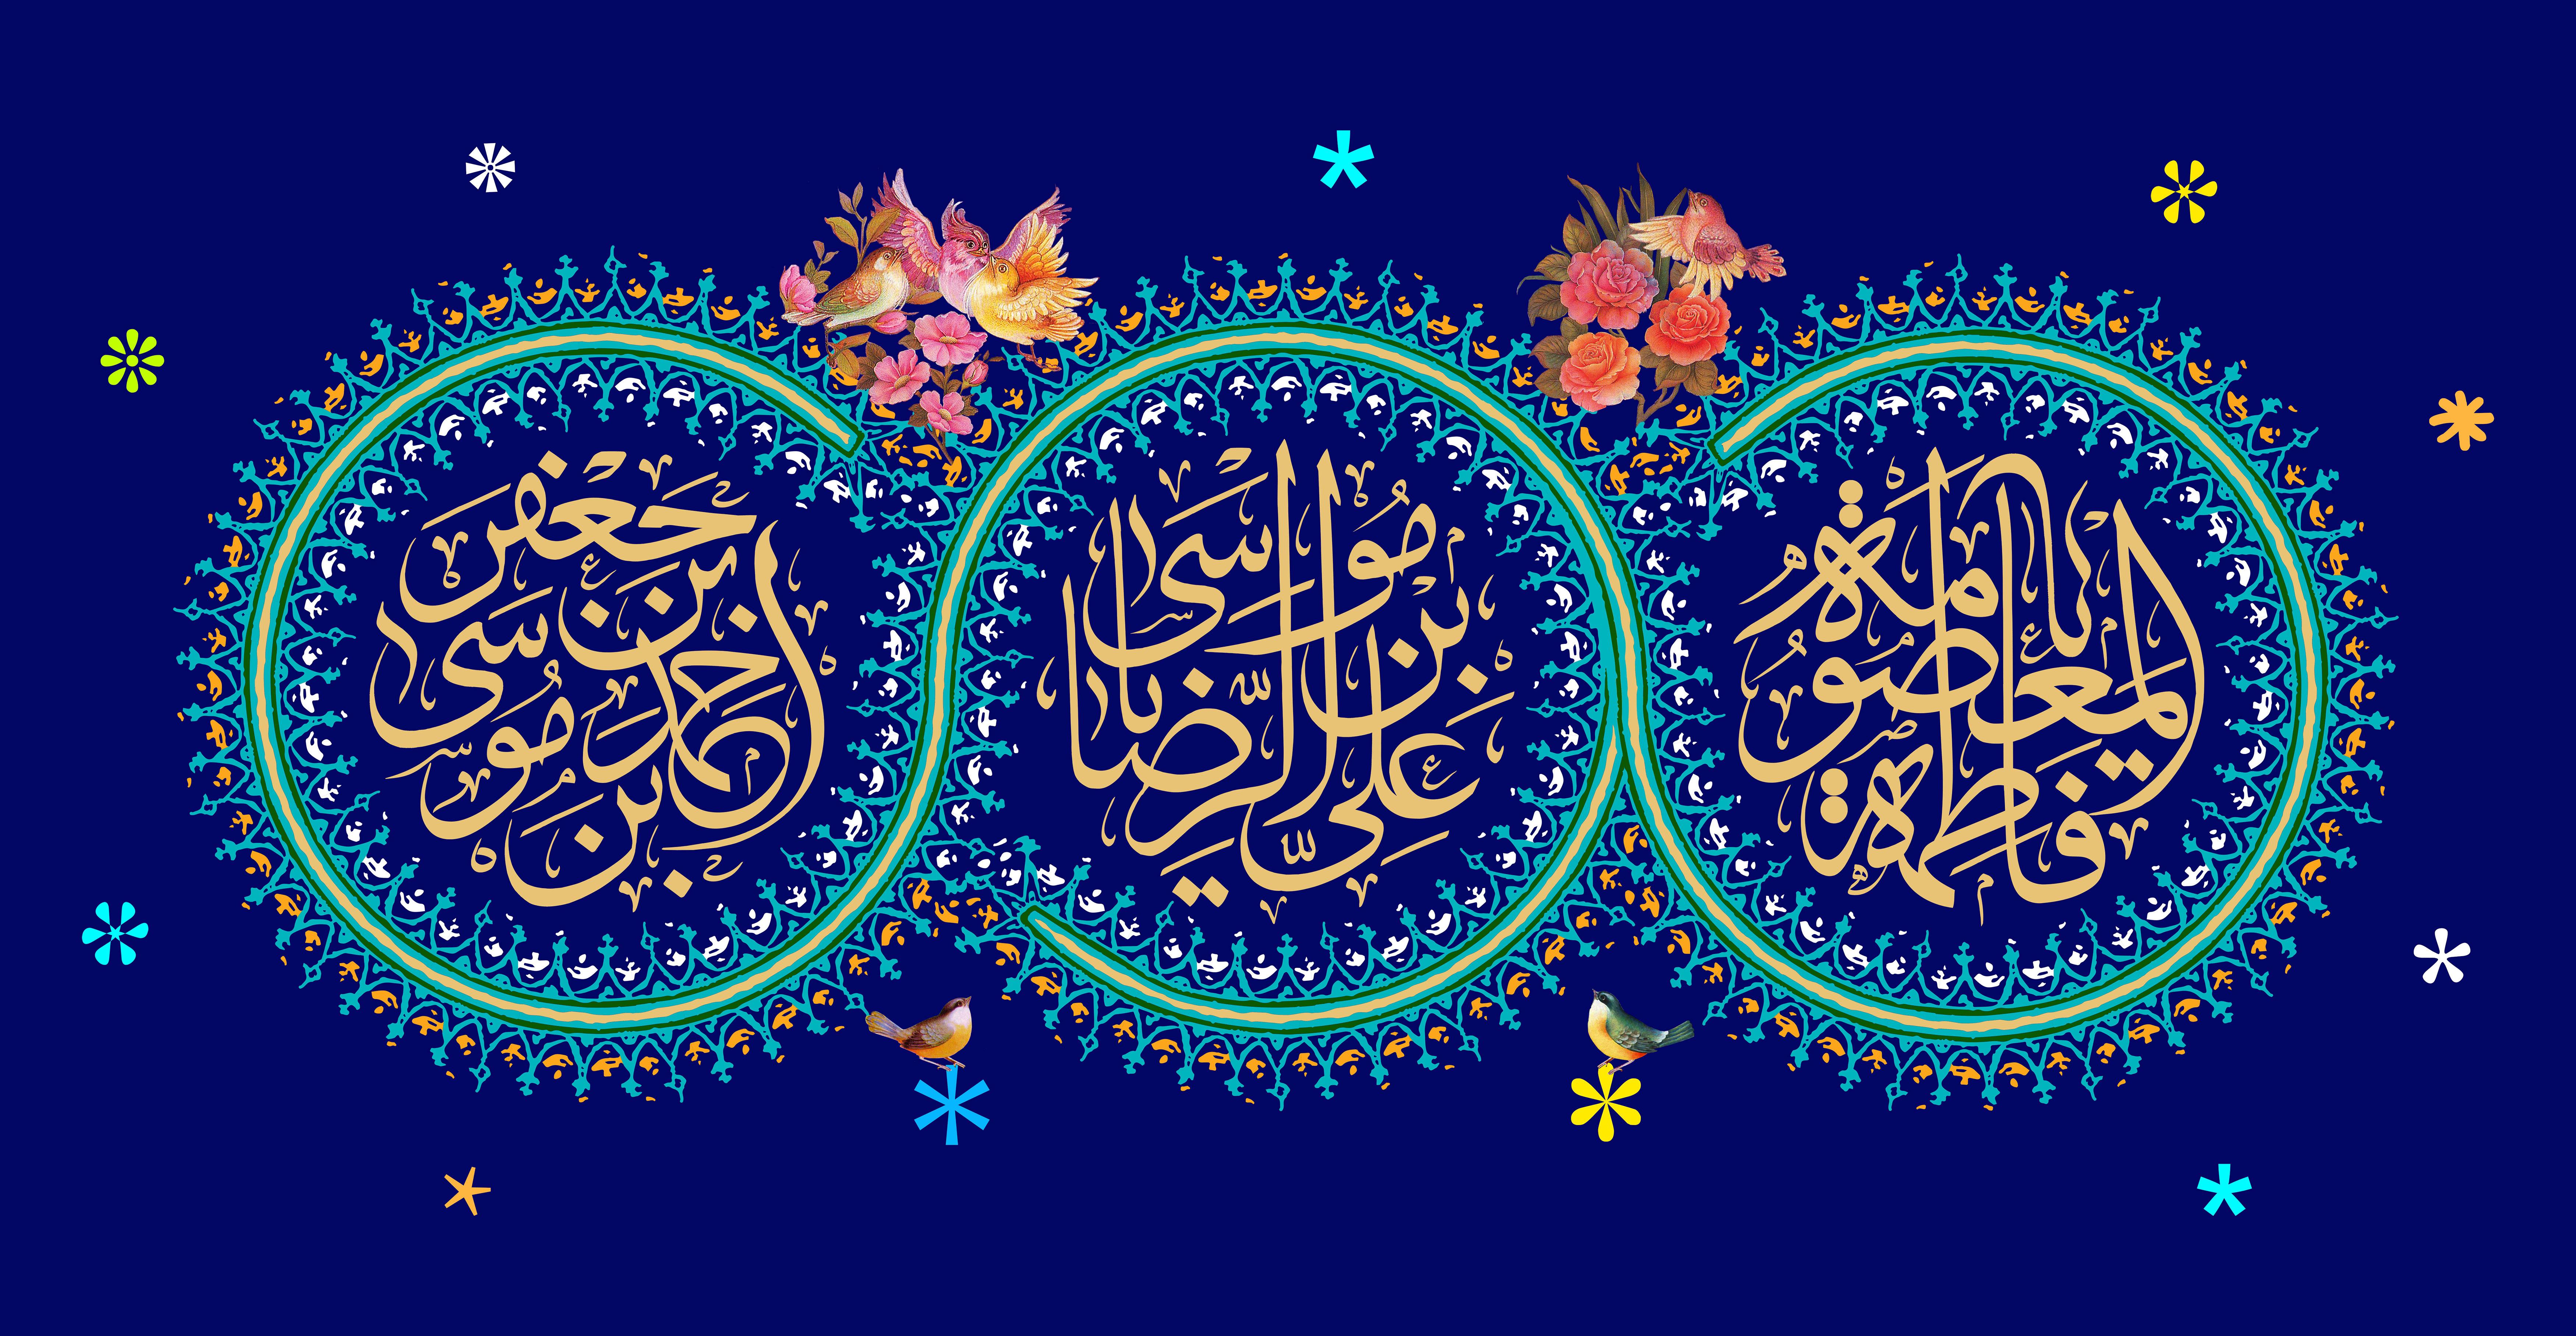 سالروز ولادت با سعادت حضرت فاطمه معصومه سلام الله علیها و آغاز دهه کرامت